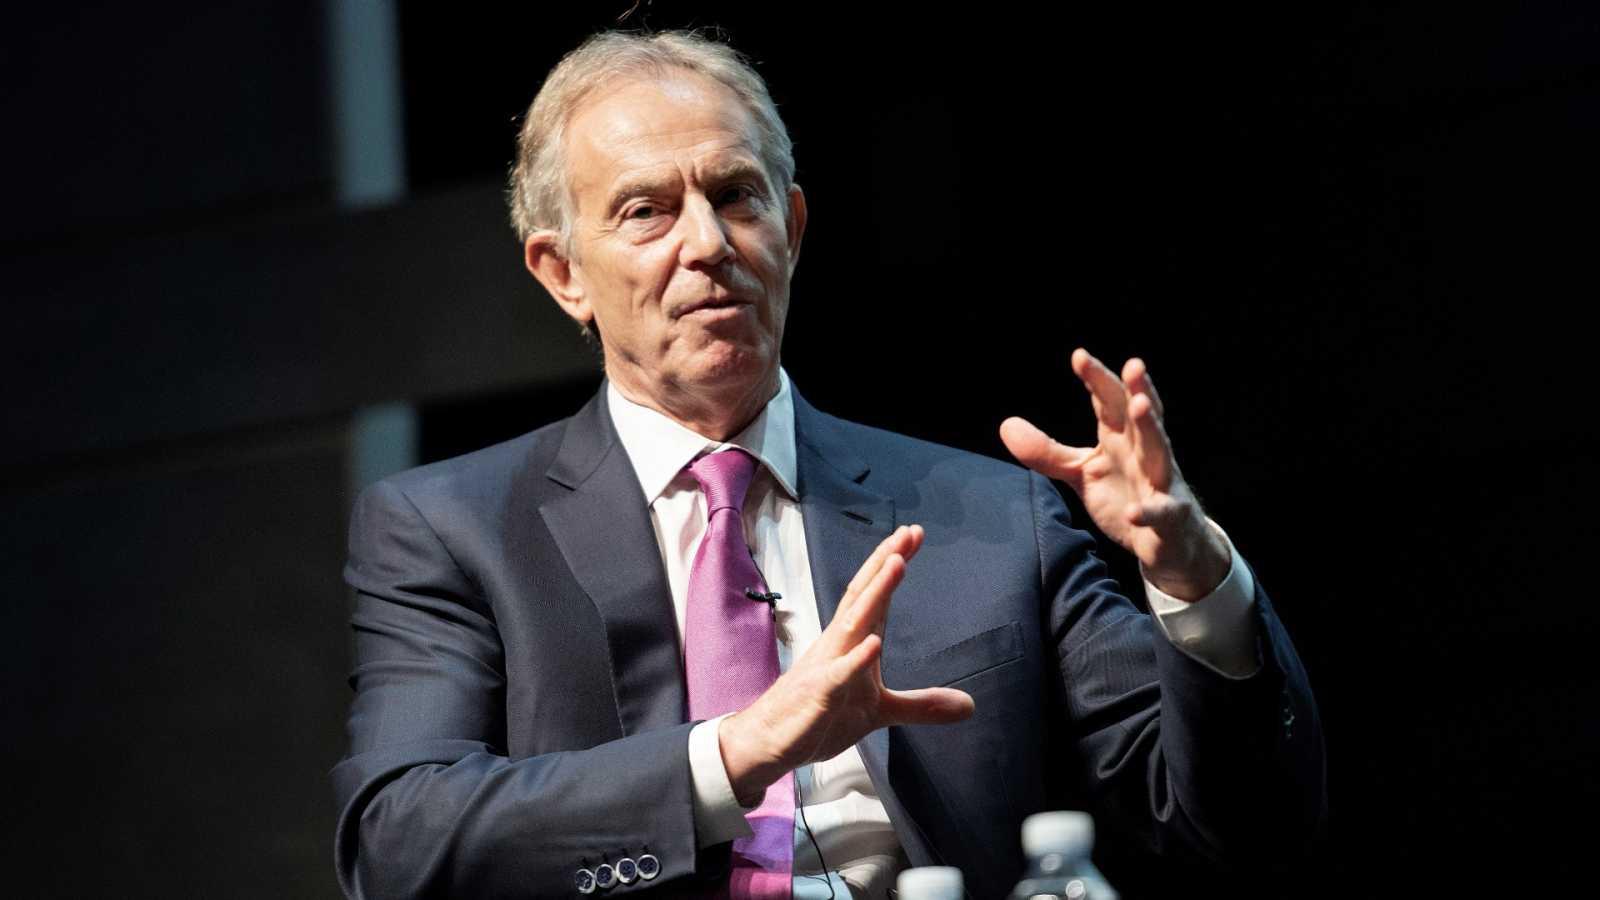 El ex primer ministro britántico Tony Blair, en una imagen de archivo.